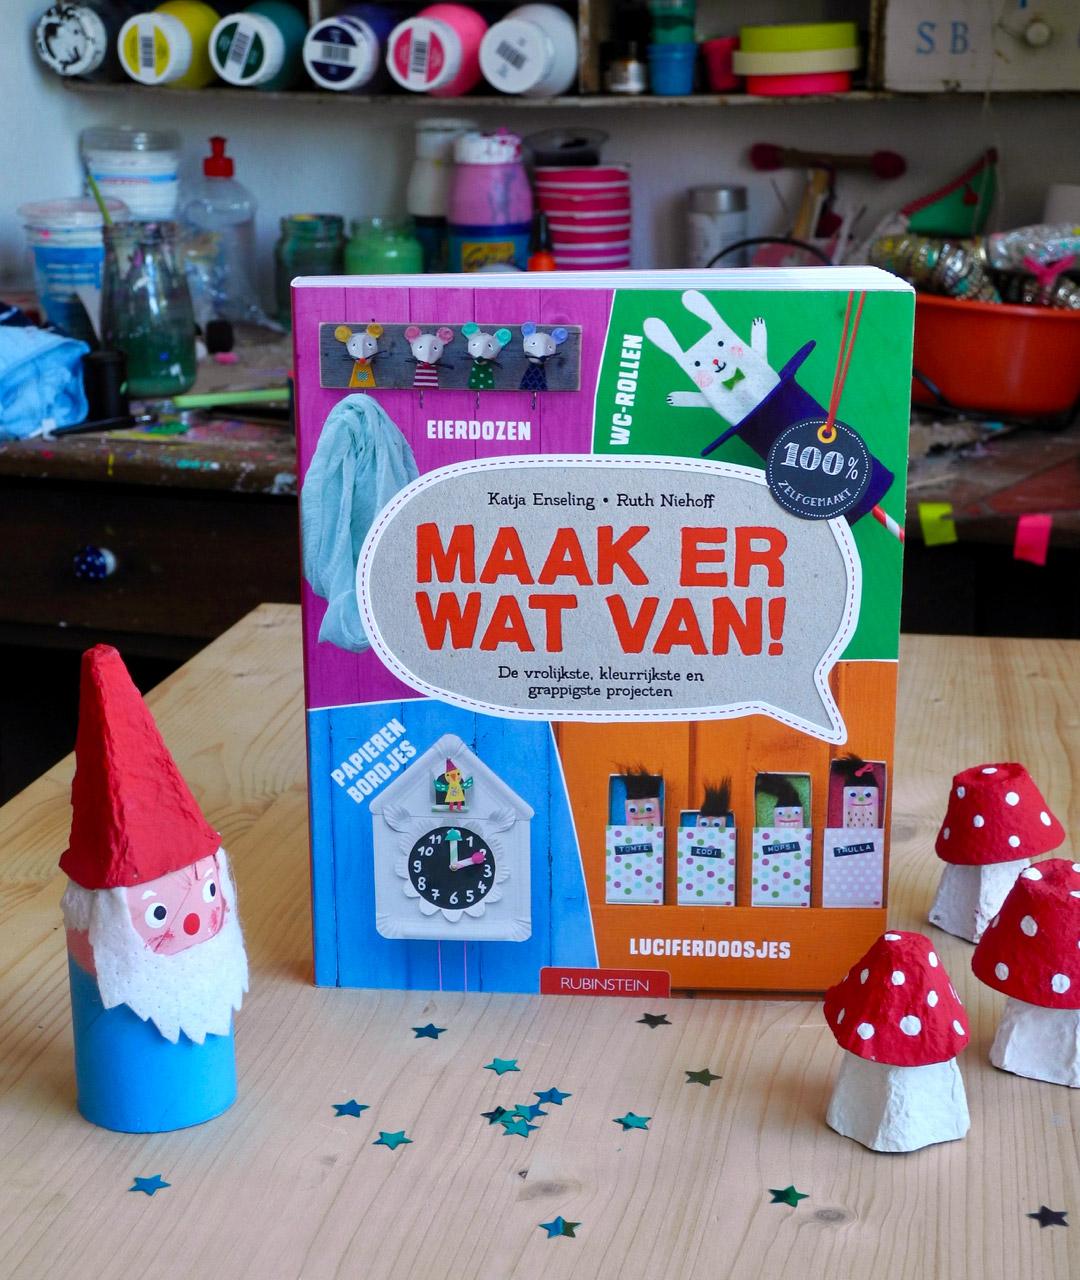 Maak er wat van!, Knutselen met kinderen, 1.Mach was draus!- Band auf niederländisch